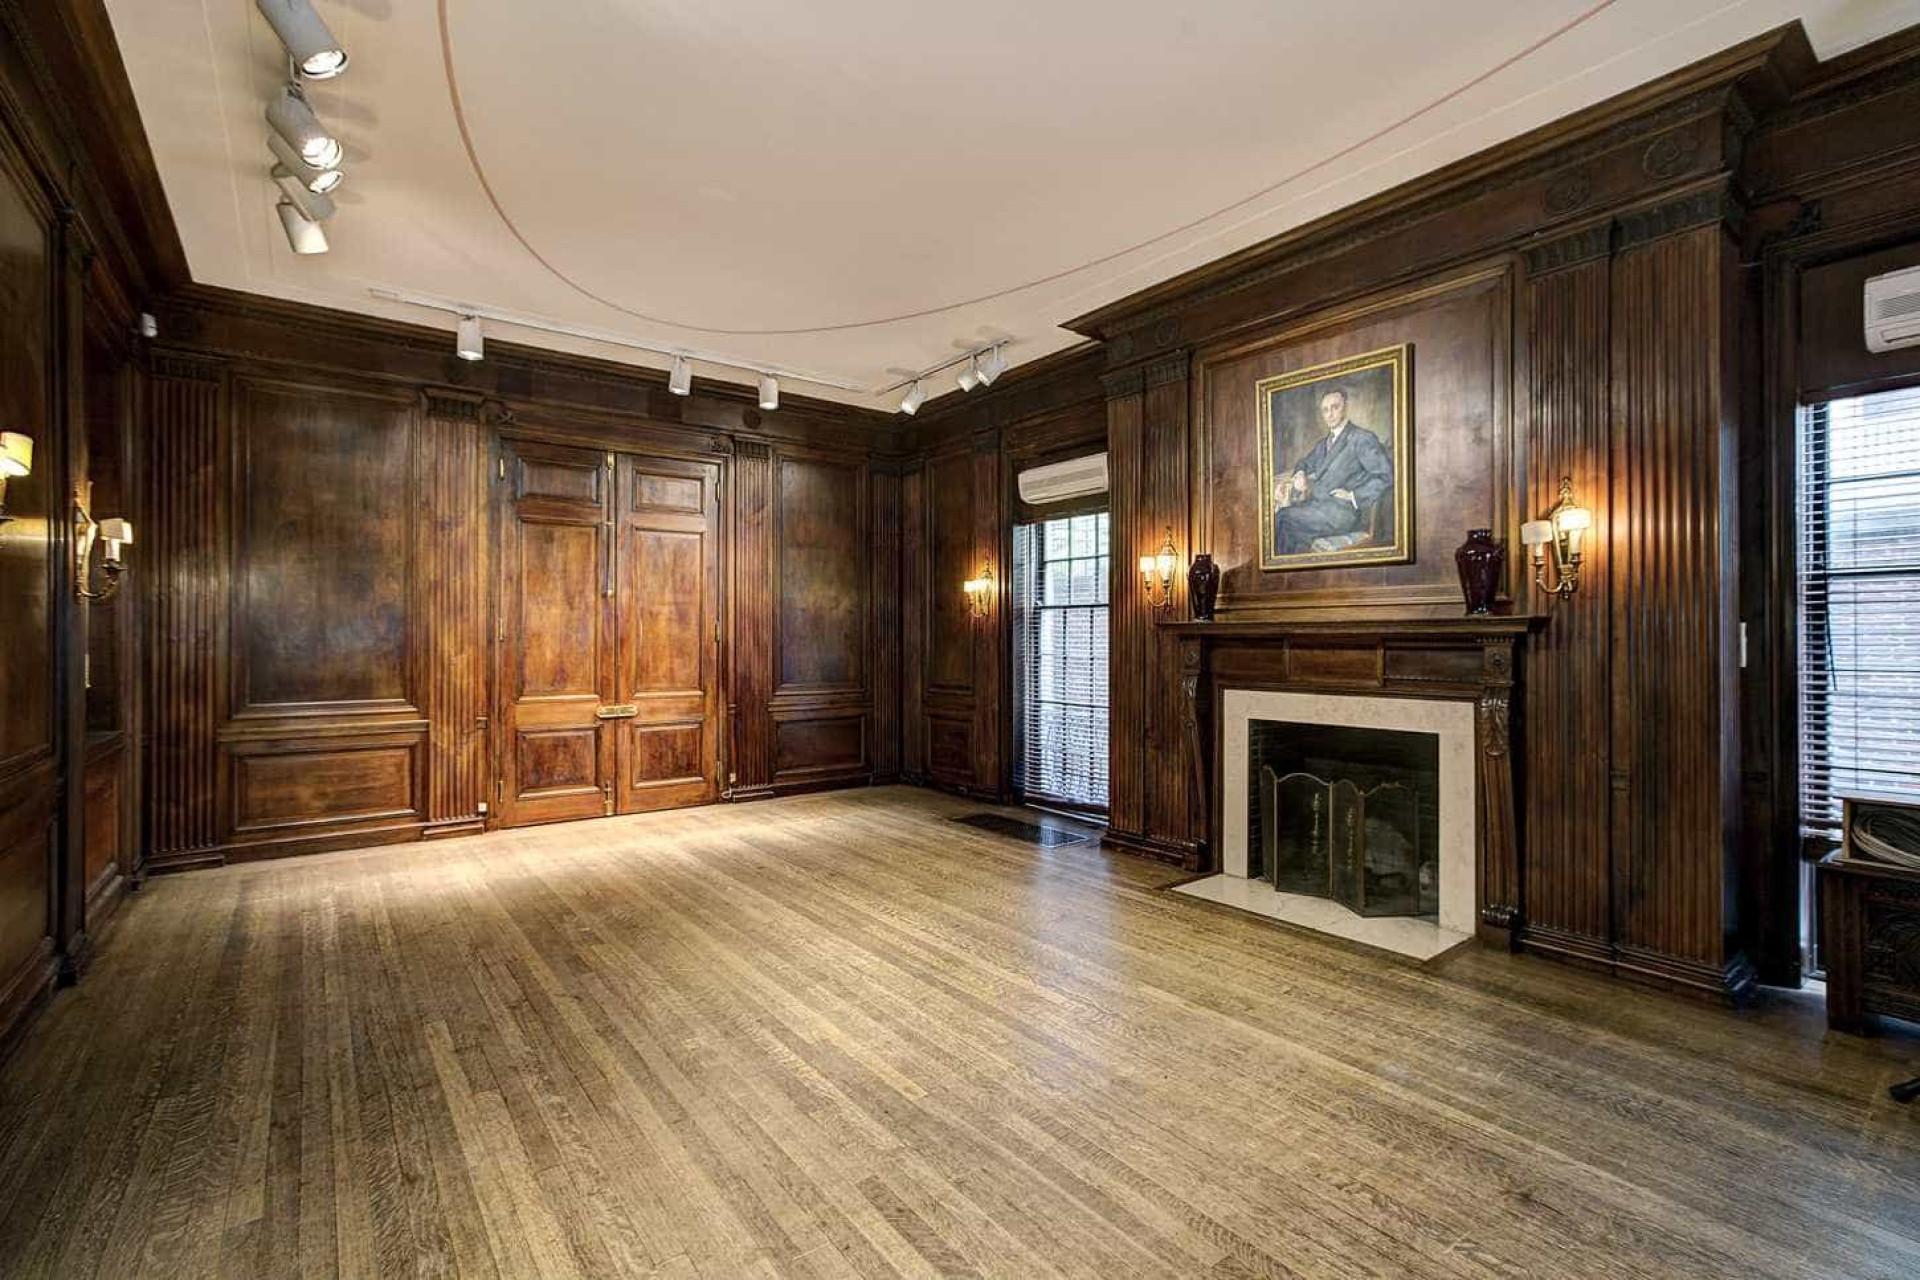 Veja a nova mansão do dono da Amazon, a maior de Washington D.C.